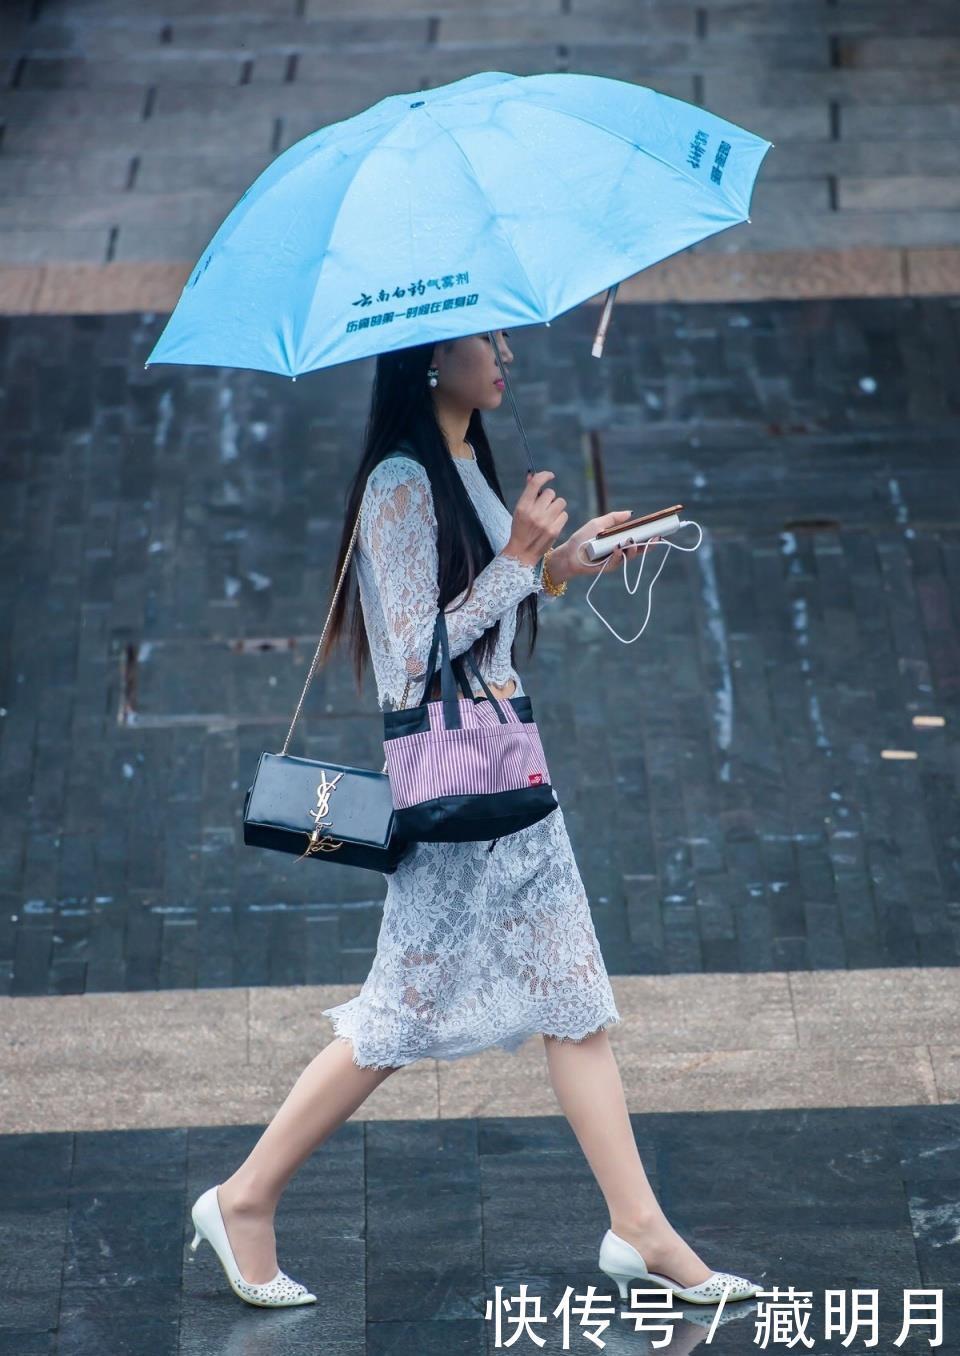 街拍:高跟丝袜蕾丝连衣裙的小姐姐,在雨中湿身了,湿足迷人